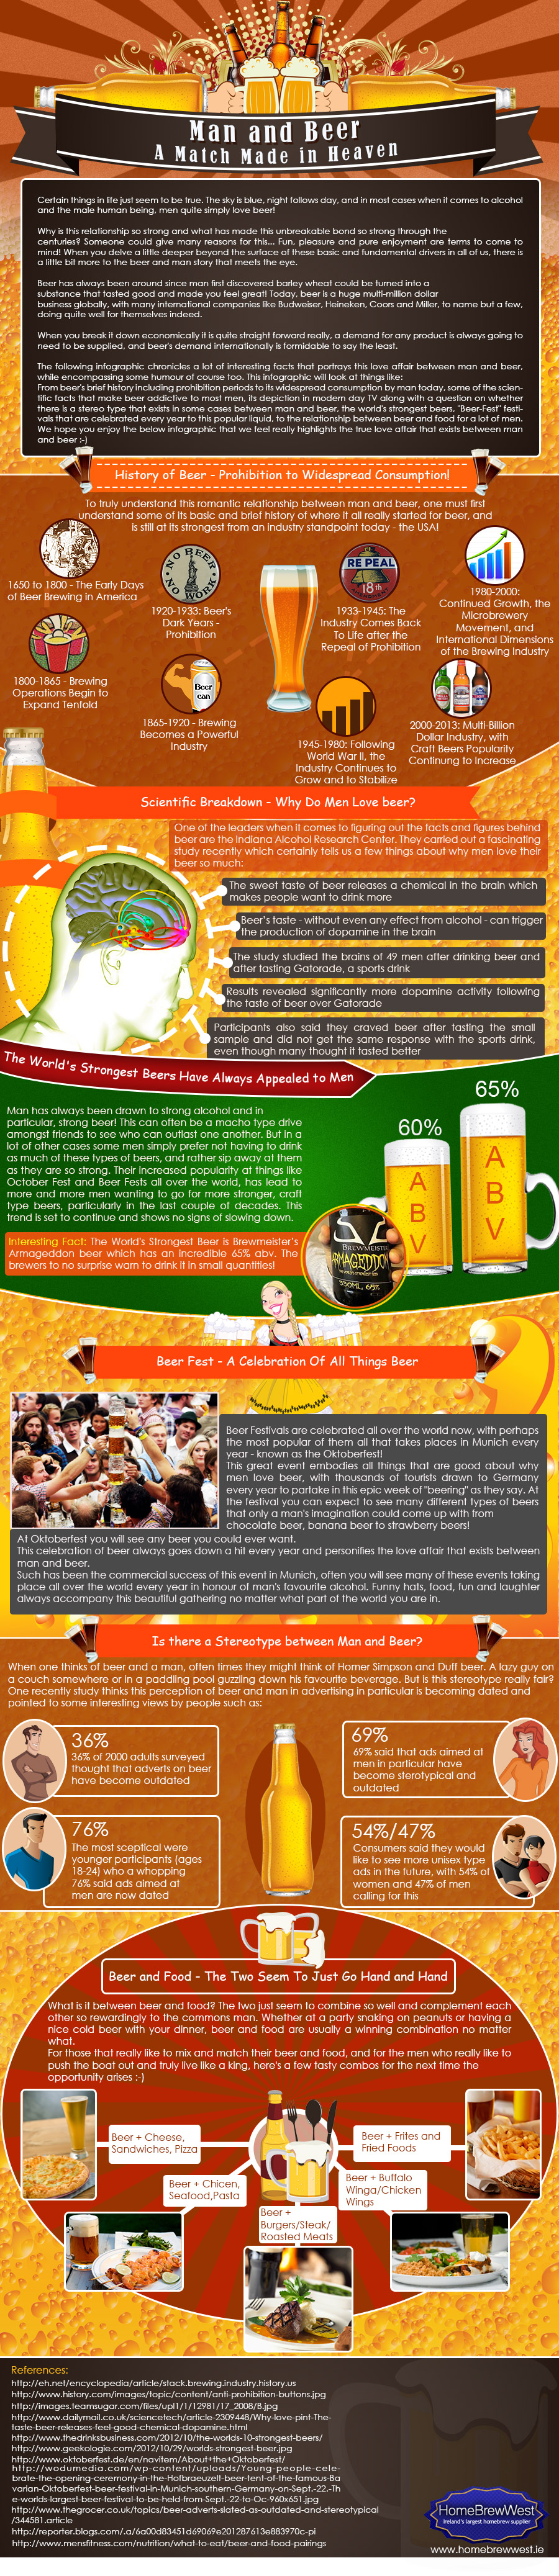 Men and Beer